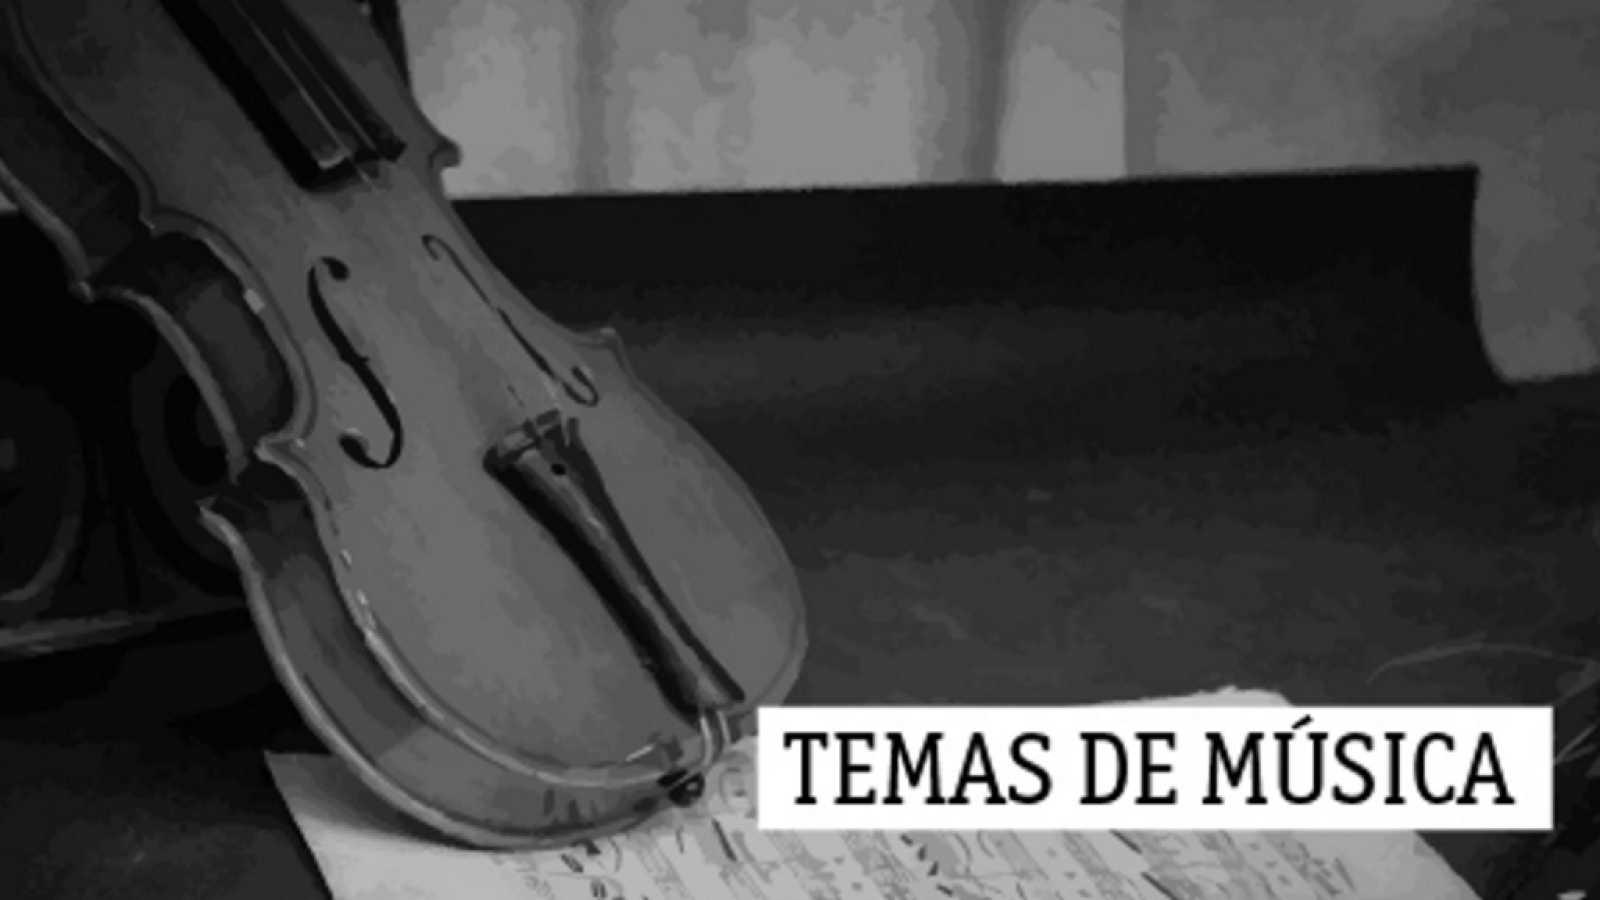 Temas de música - La España musical de los cincuenta (VII) - 24/04/21 - escuchar ahora